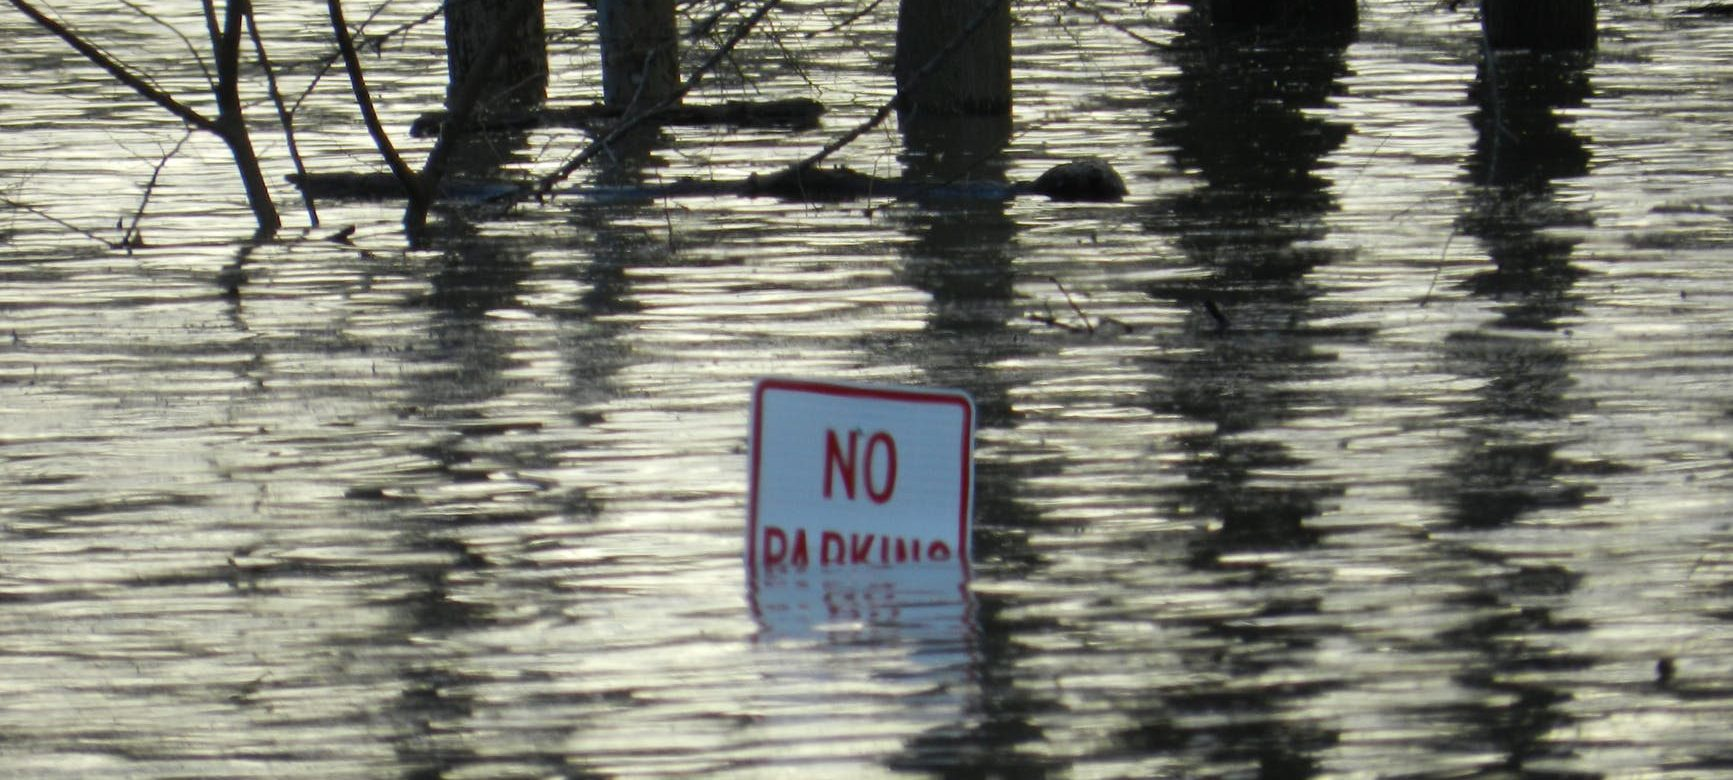 La Tunisie débloque 51 millions d'€ pour prévenir et réagir contre les inondations